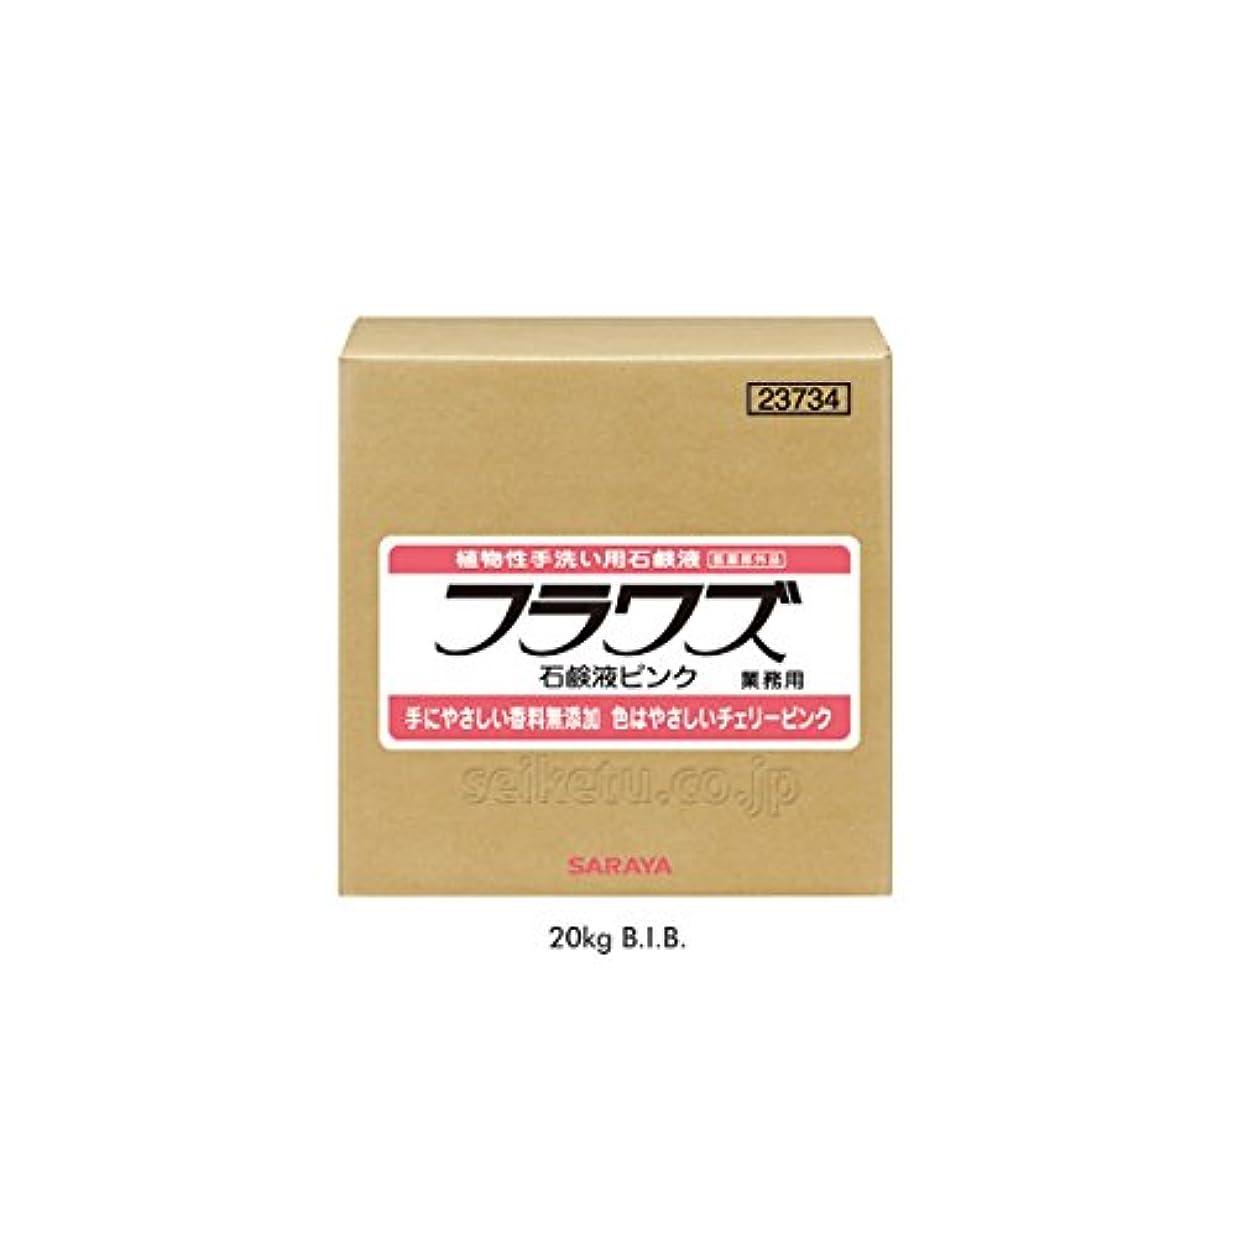 額習慣それにもかかわらず【清潔キレイ館】サラヤ フラワズ石鹸液ピンク(20kg)